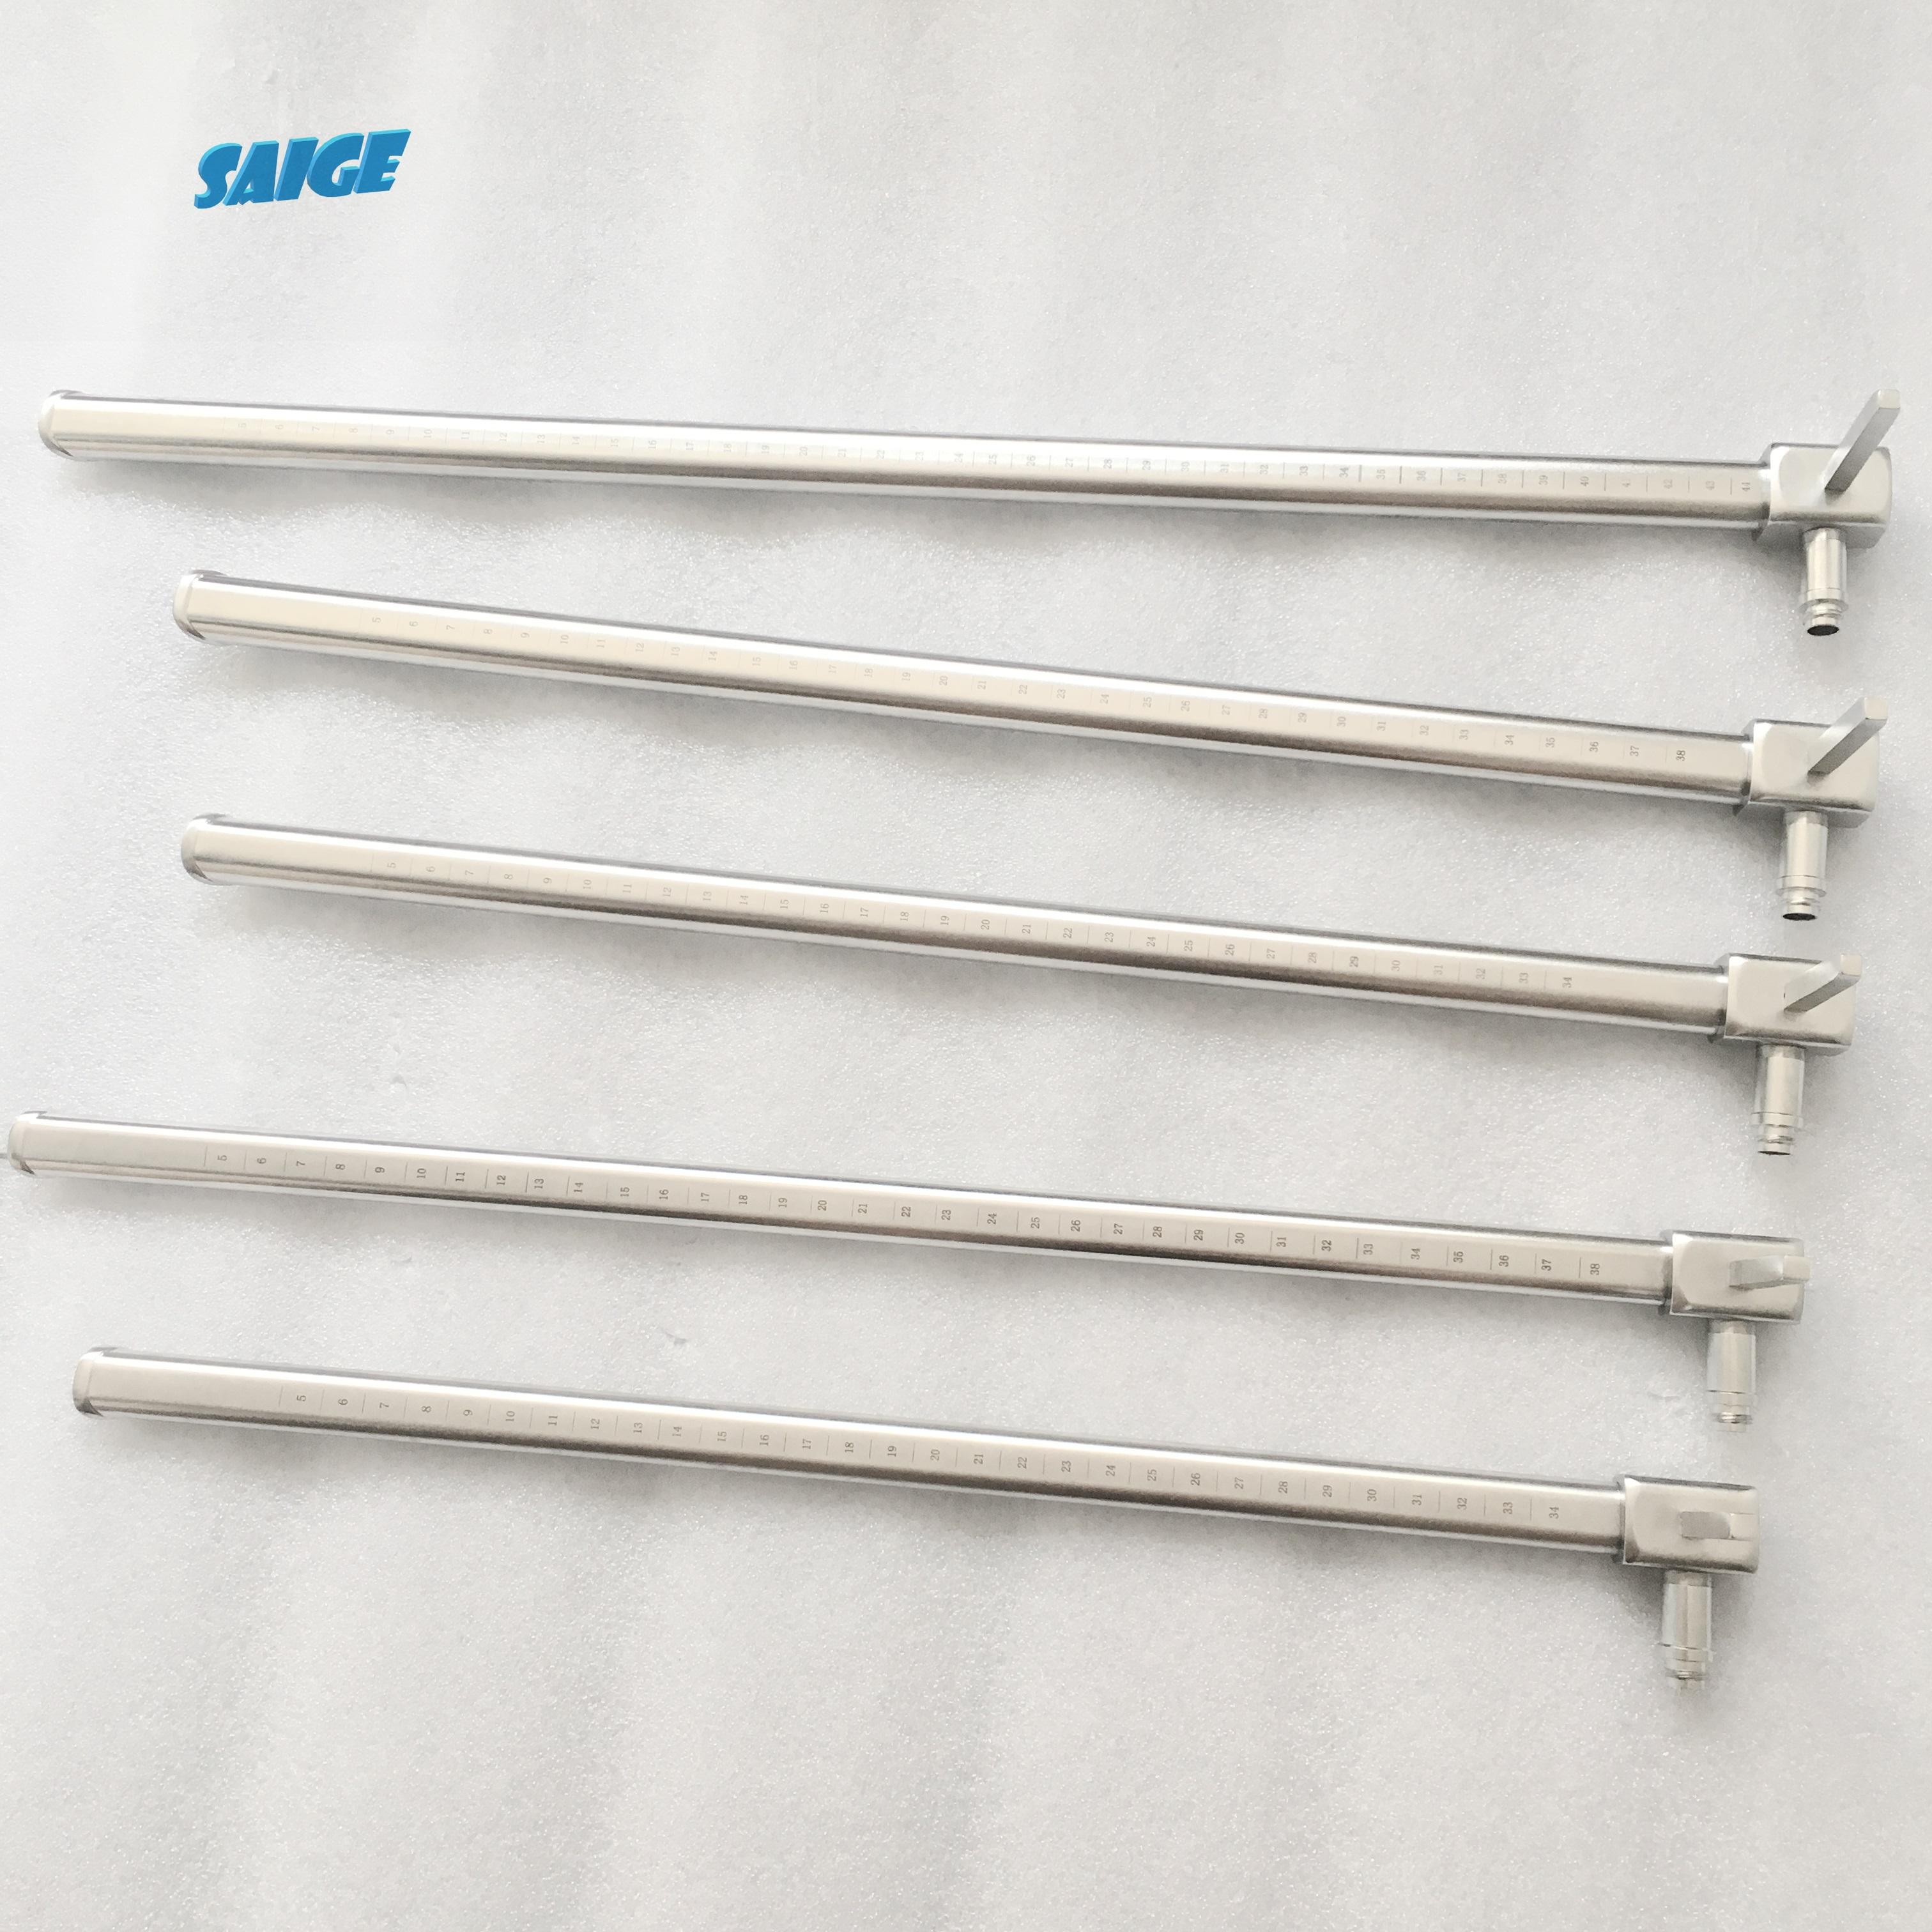 ENT Esophagoscopy set/Esophagoscope tube with fiber